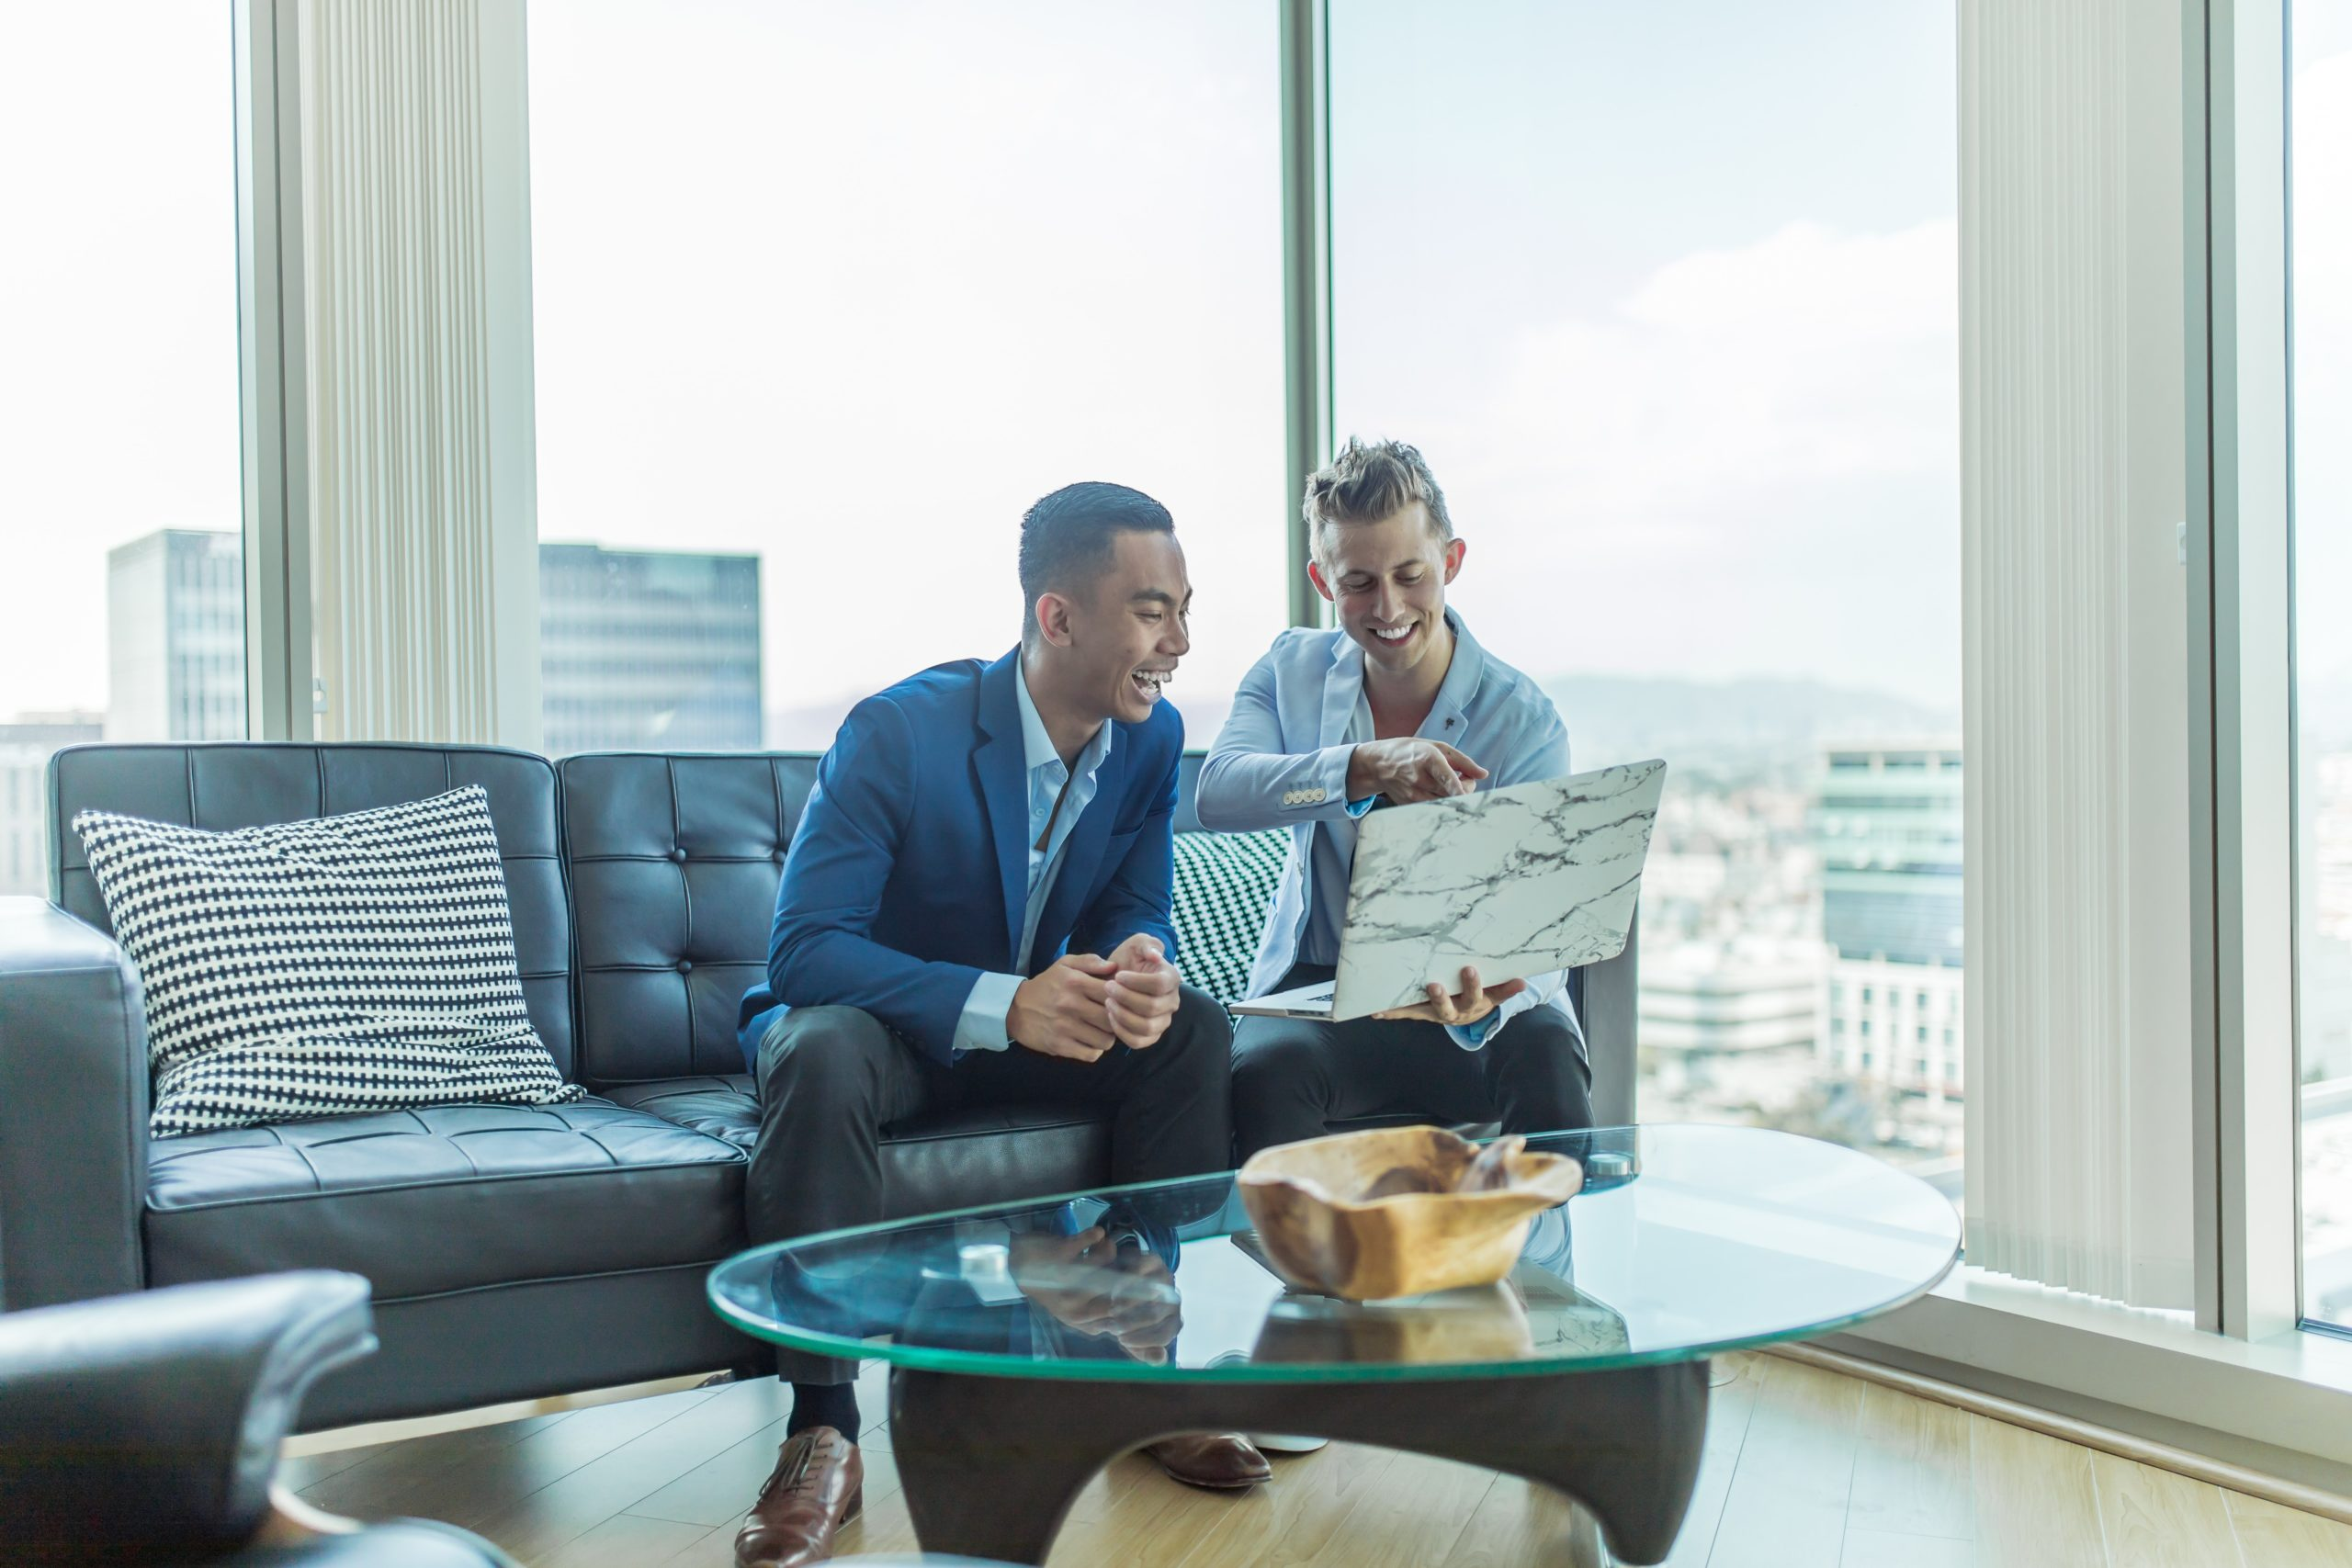 speak your client's language